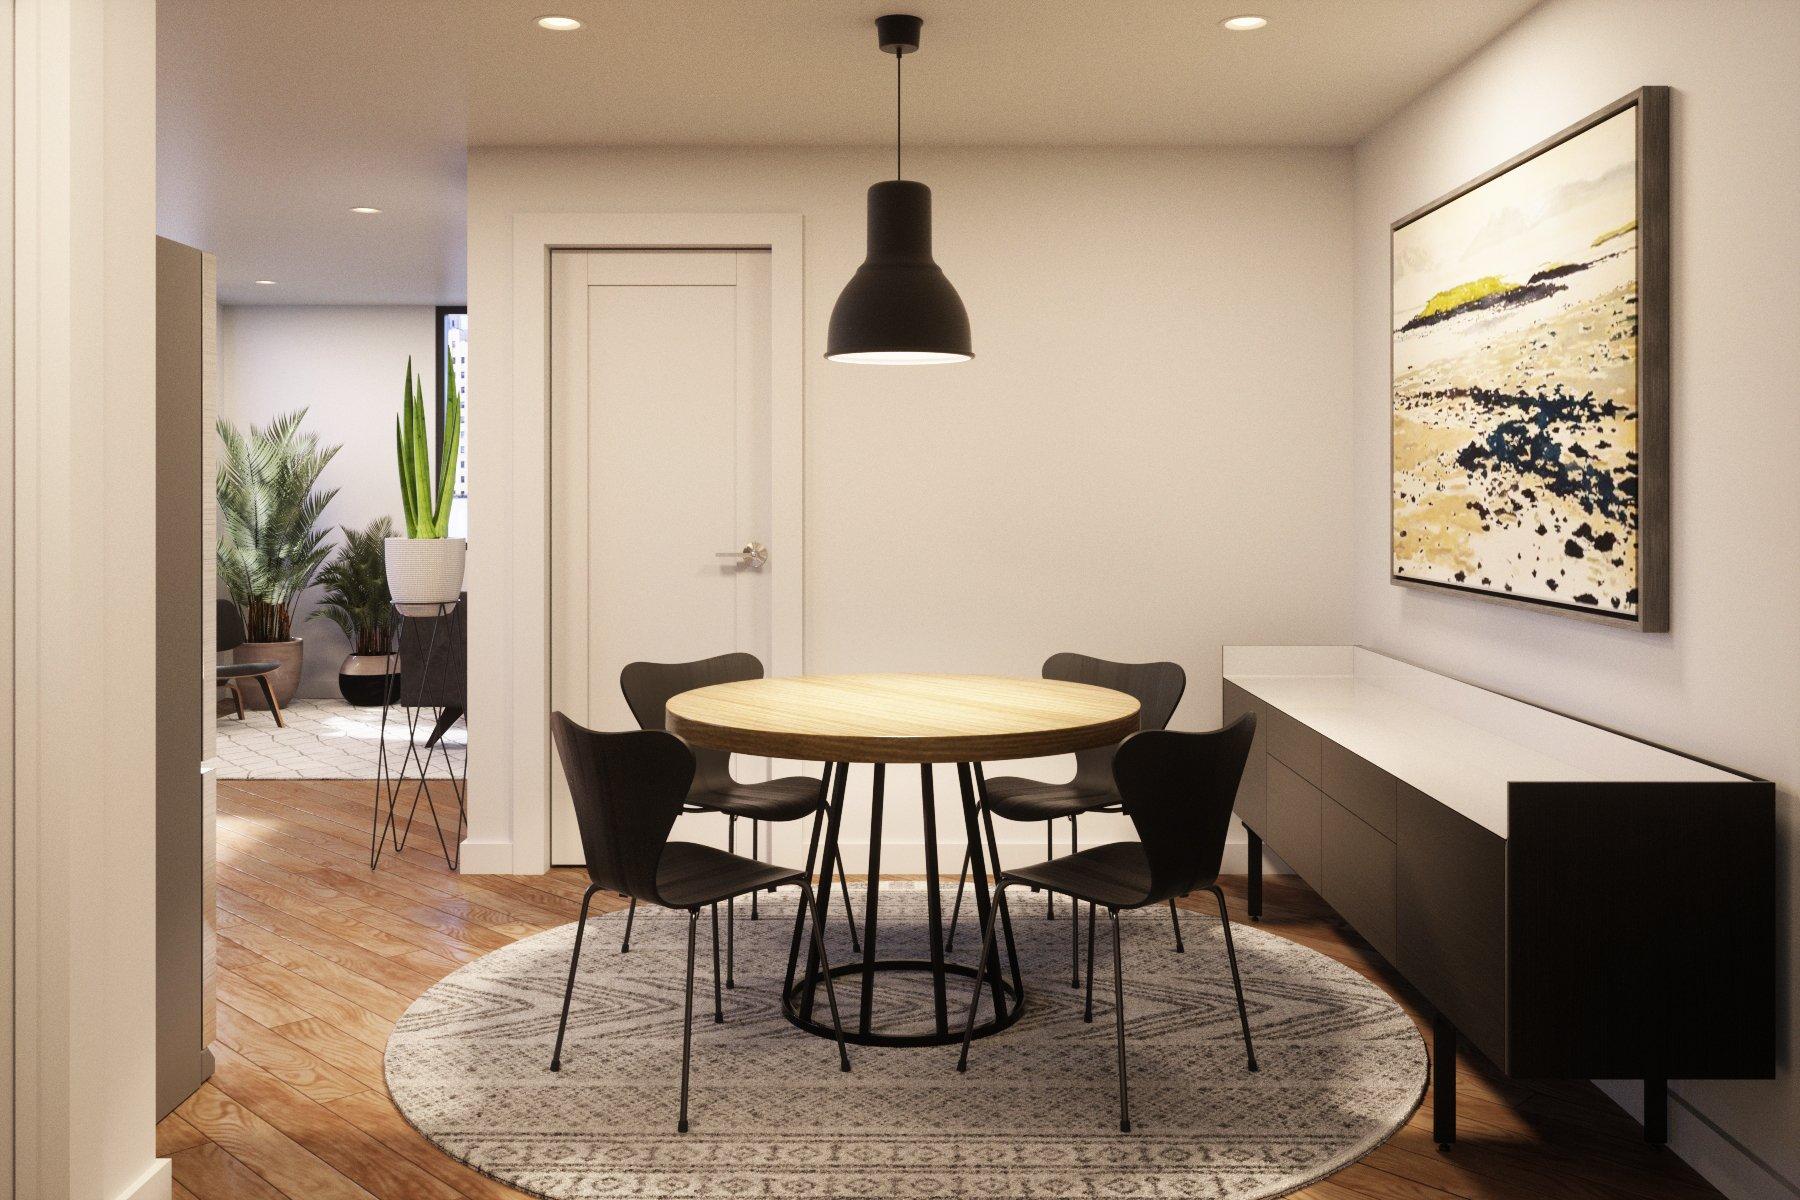 19041201-Mercer Apartments_Interior Still_Final_Dining